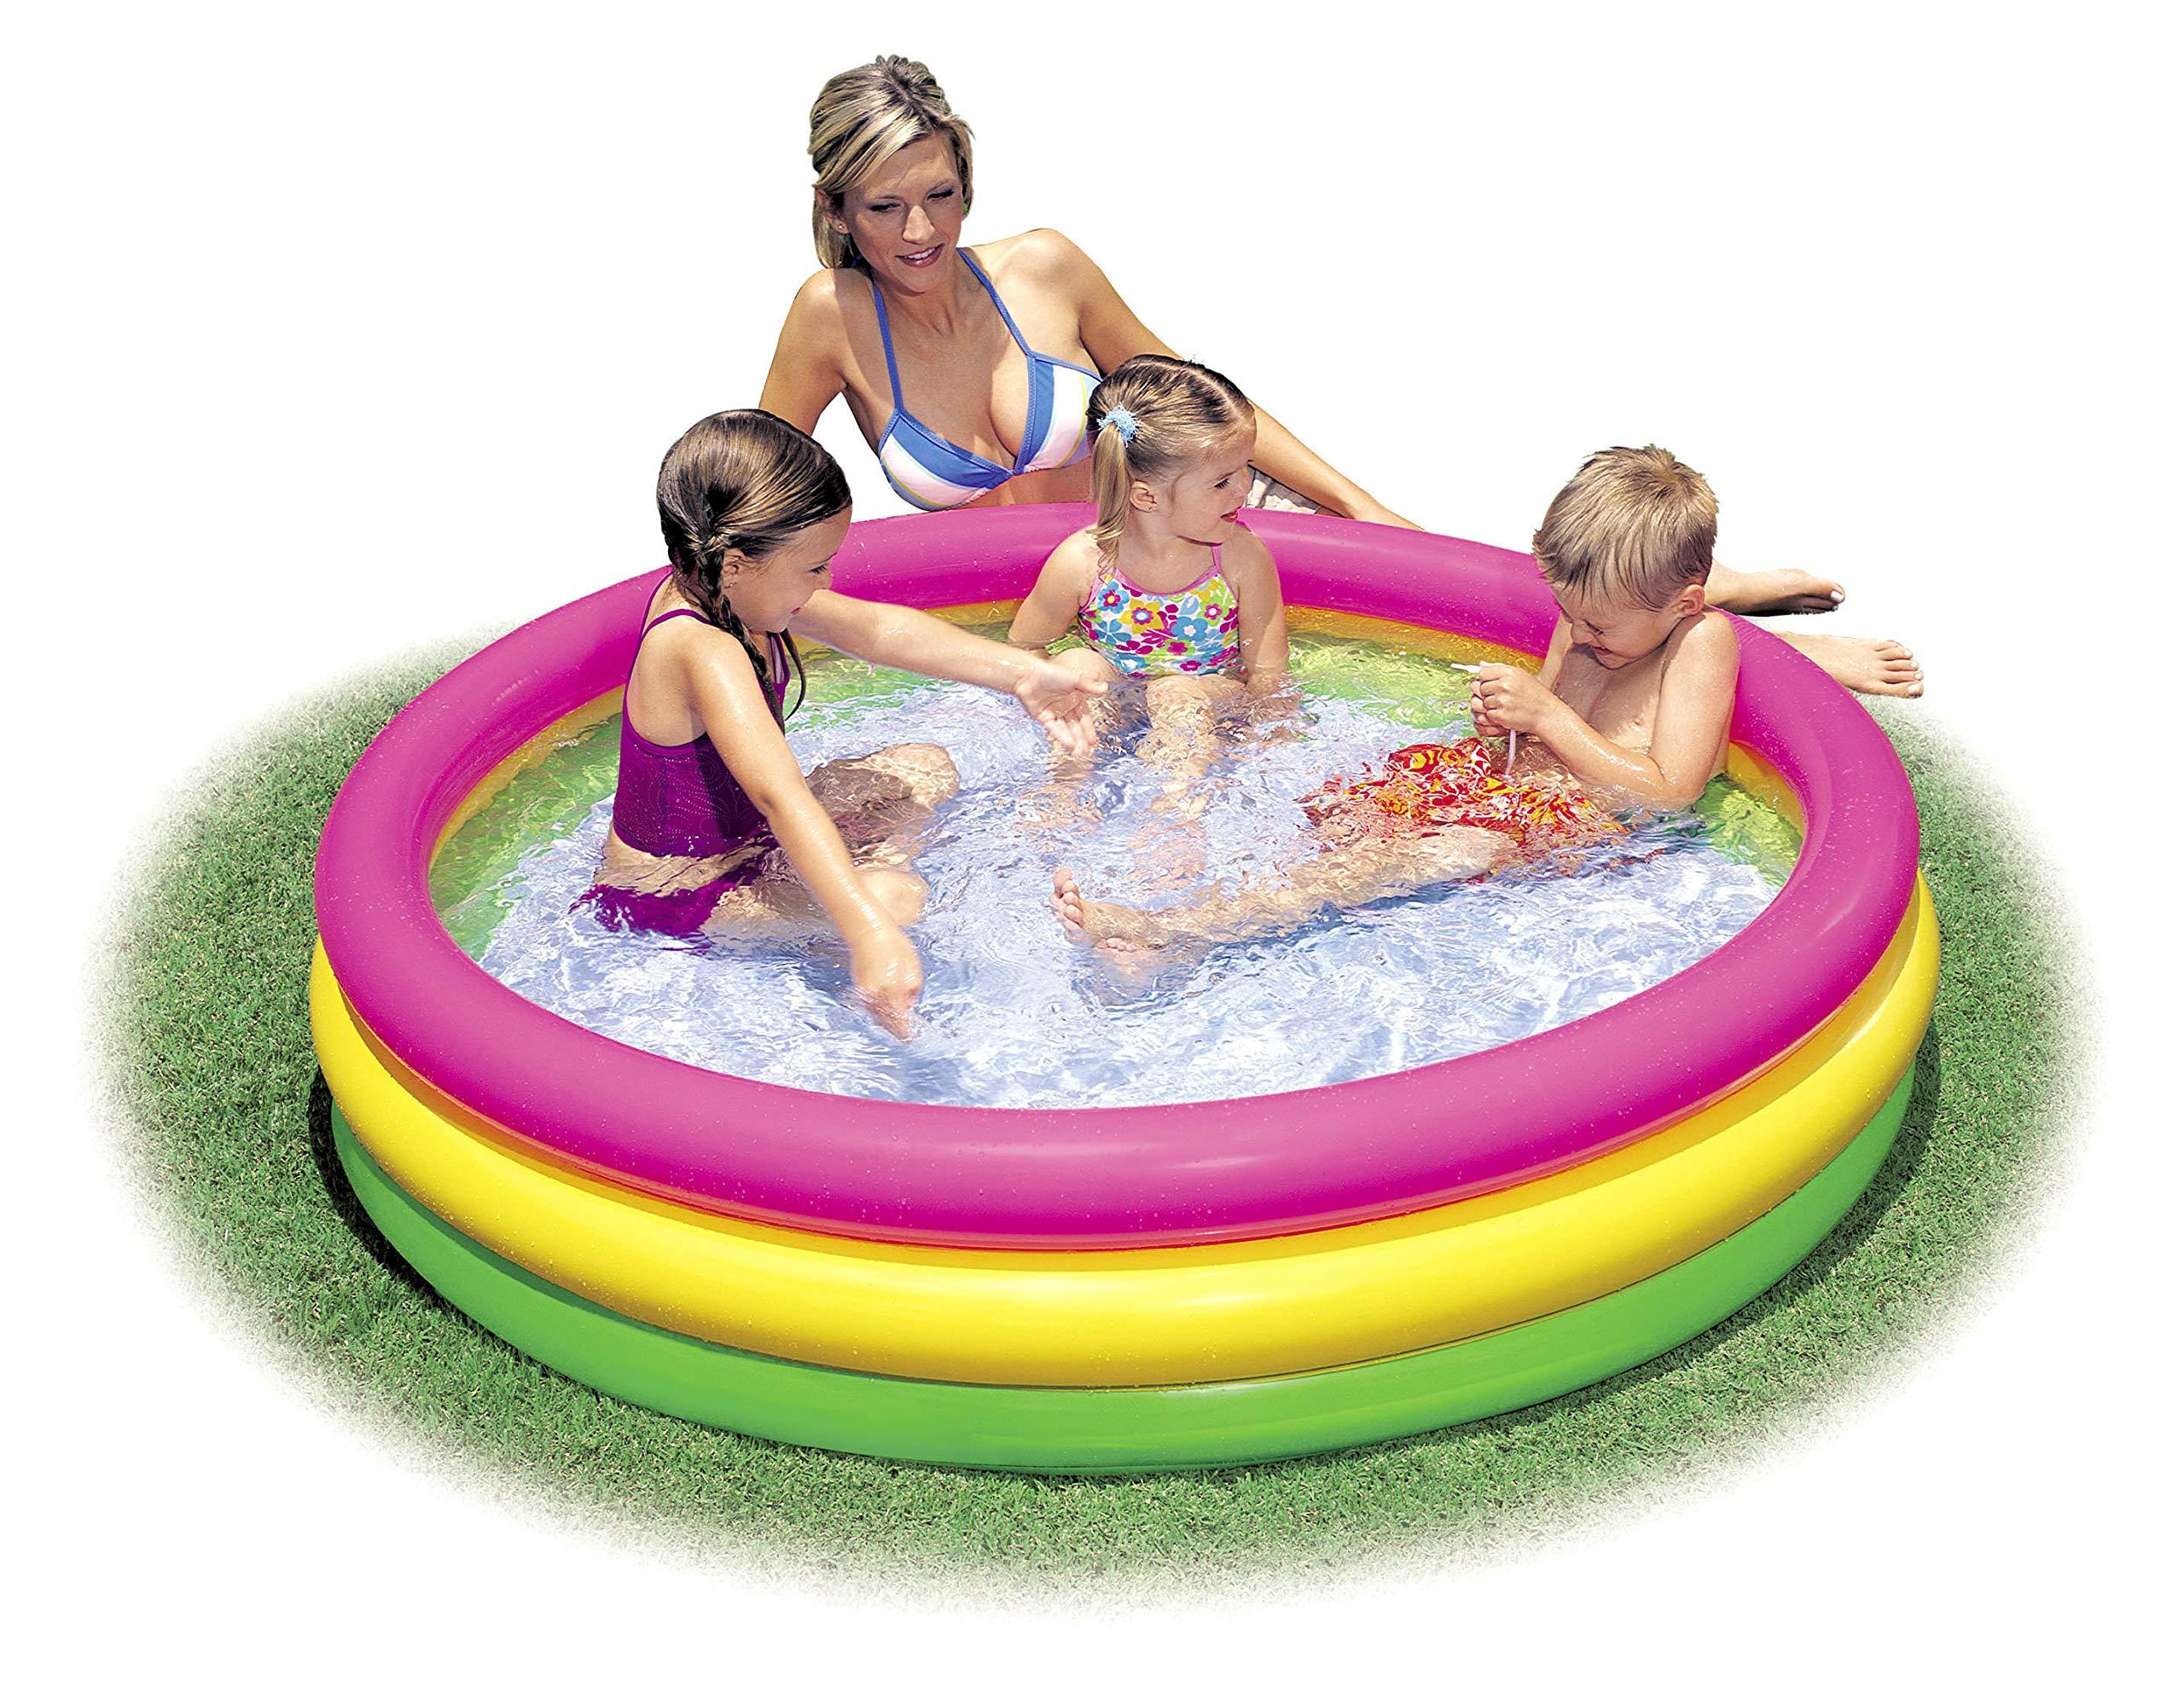 Intex Kiddie Pool - Kid's Summer Sunset Glow Design - 58'' x 13'' by Intex